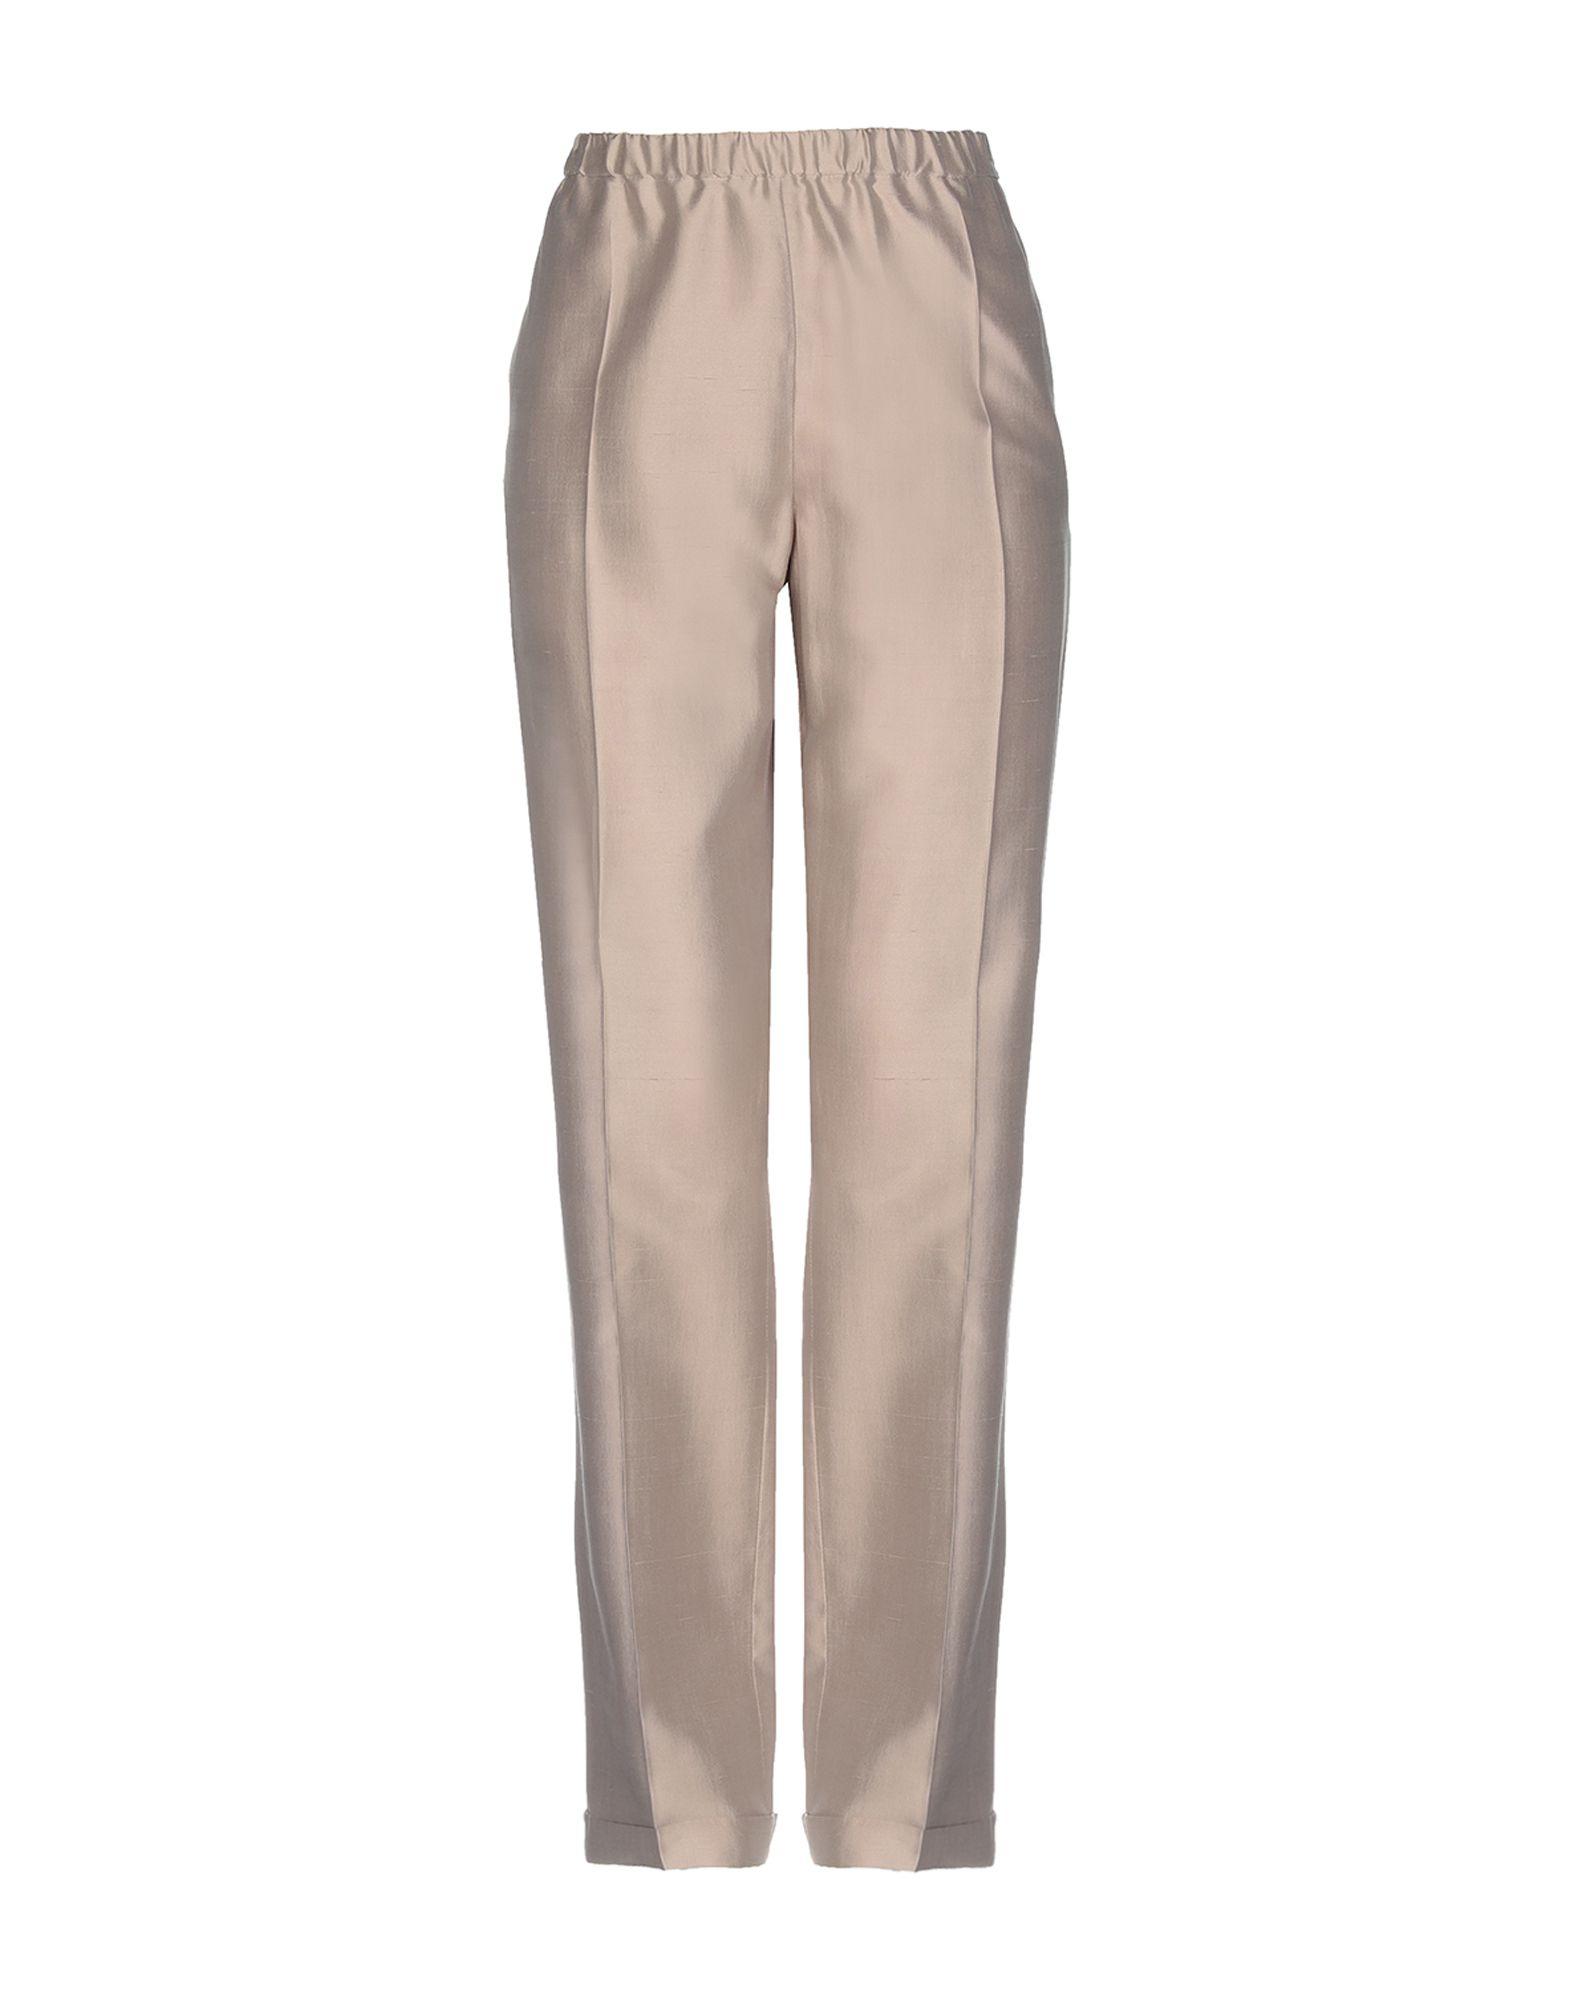 Pantalone Giorgio Giorgio Armani donna - 13260780XU